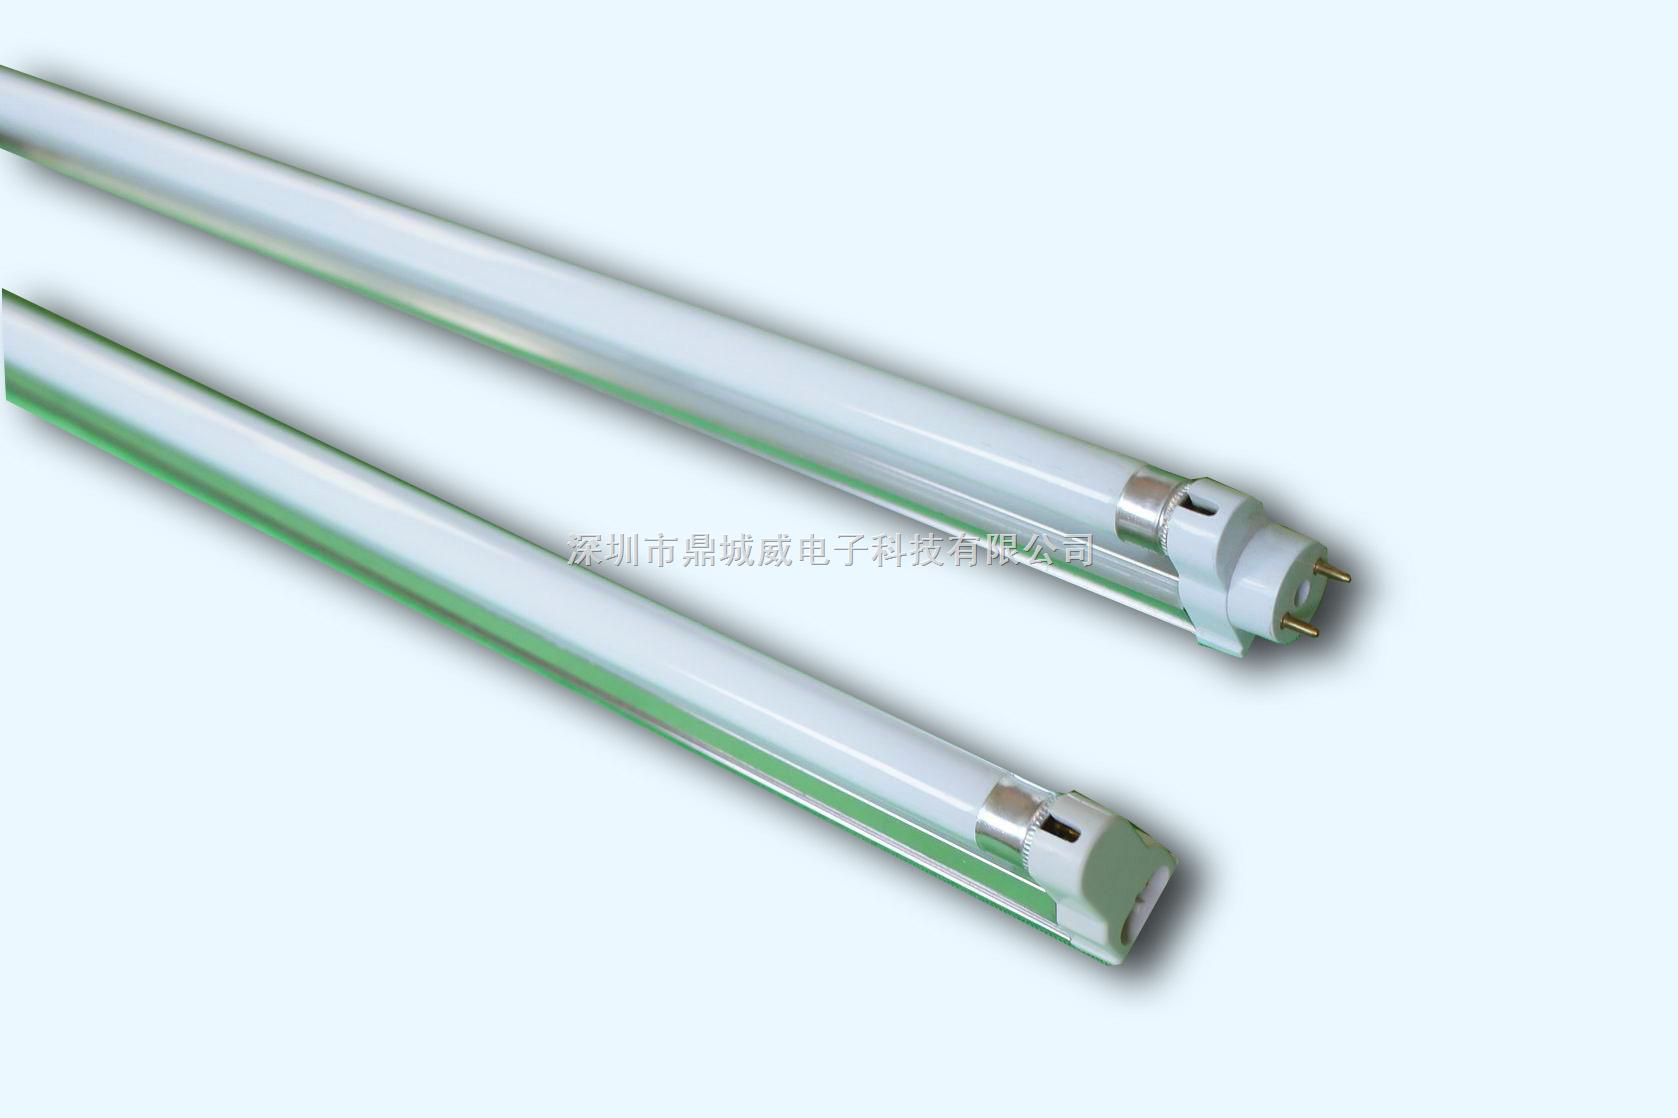 管中管节能灯的结构采用的是内外管双管设计,内管是类似t5管的灯管,外